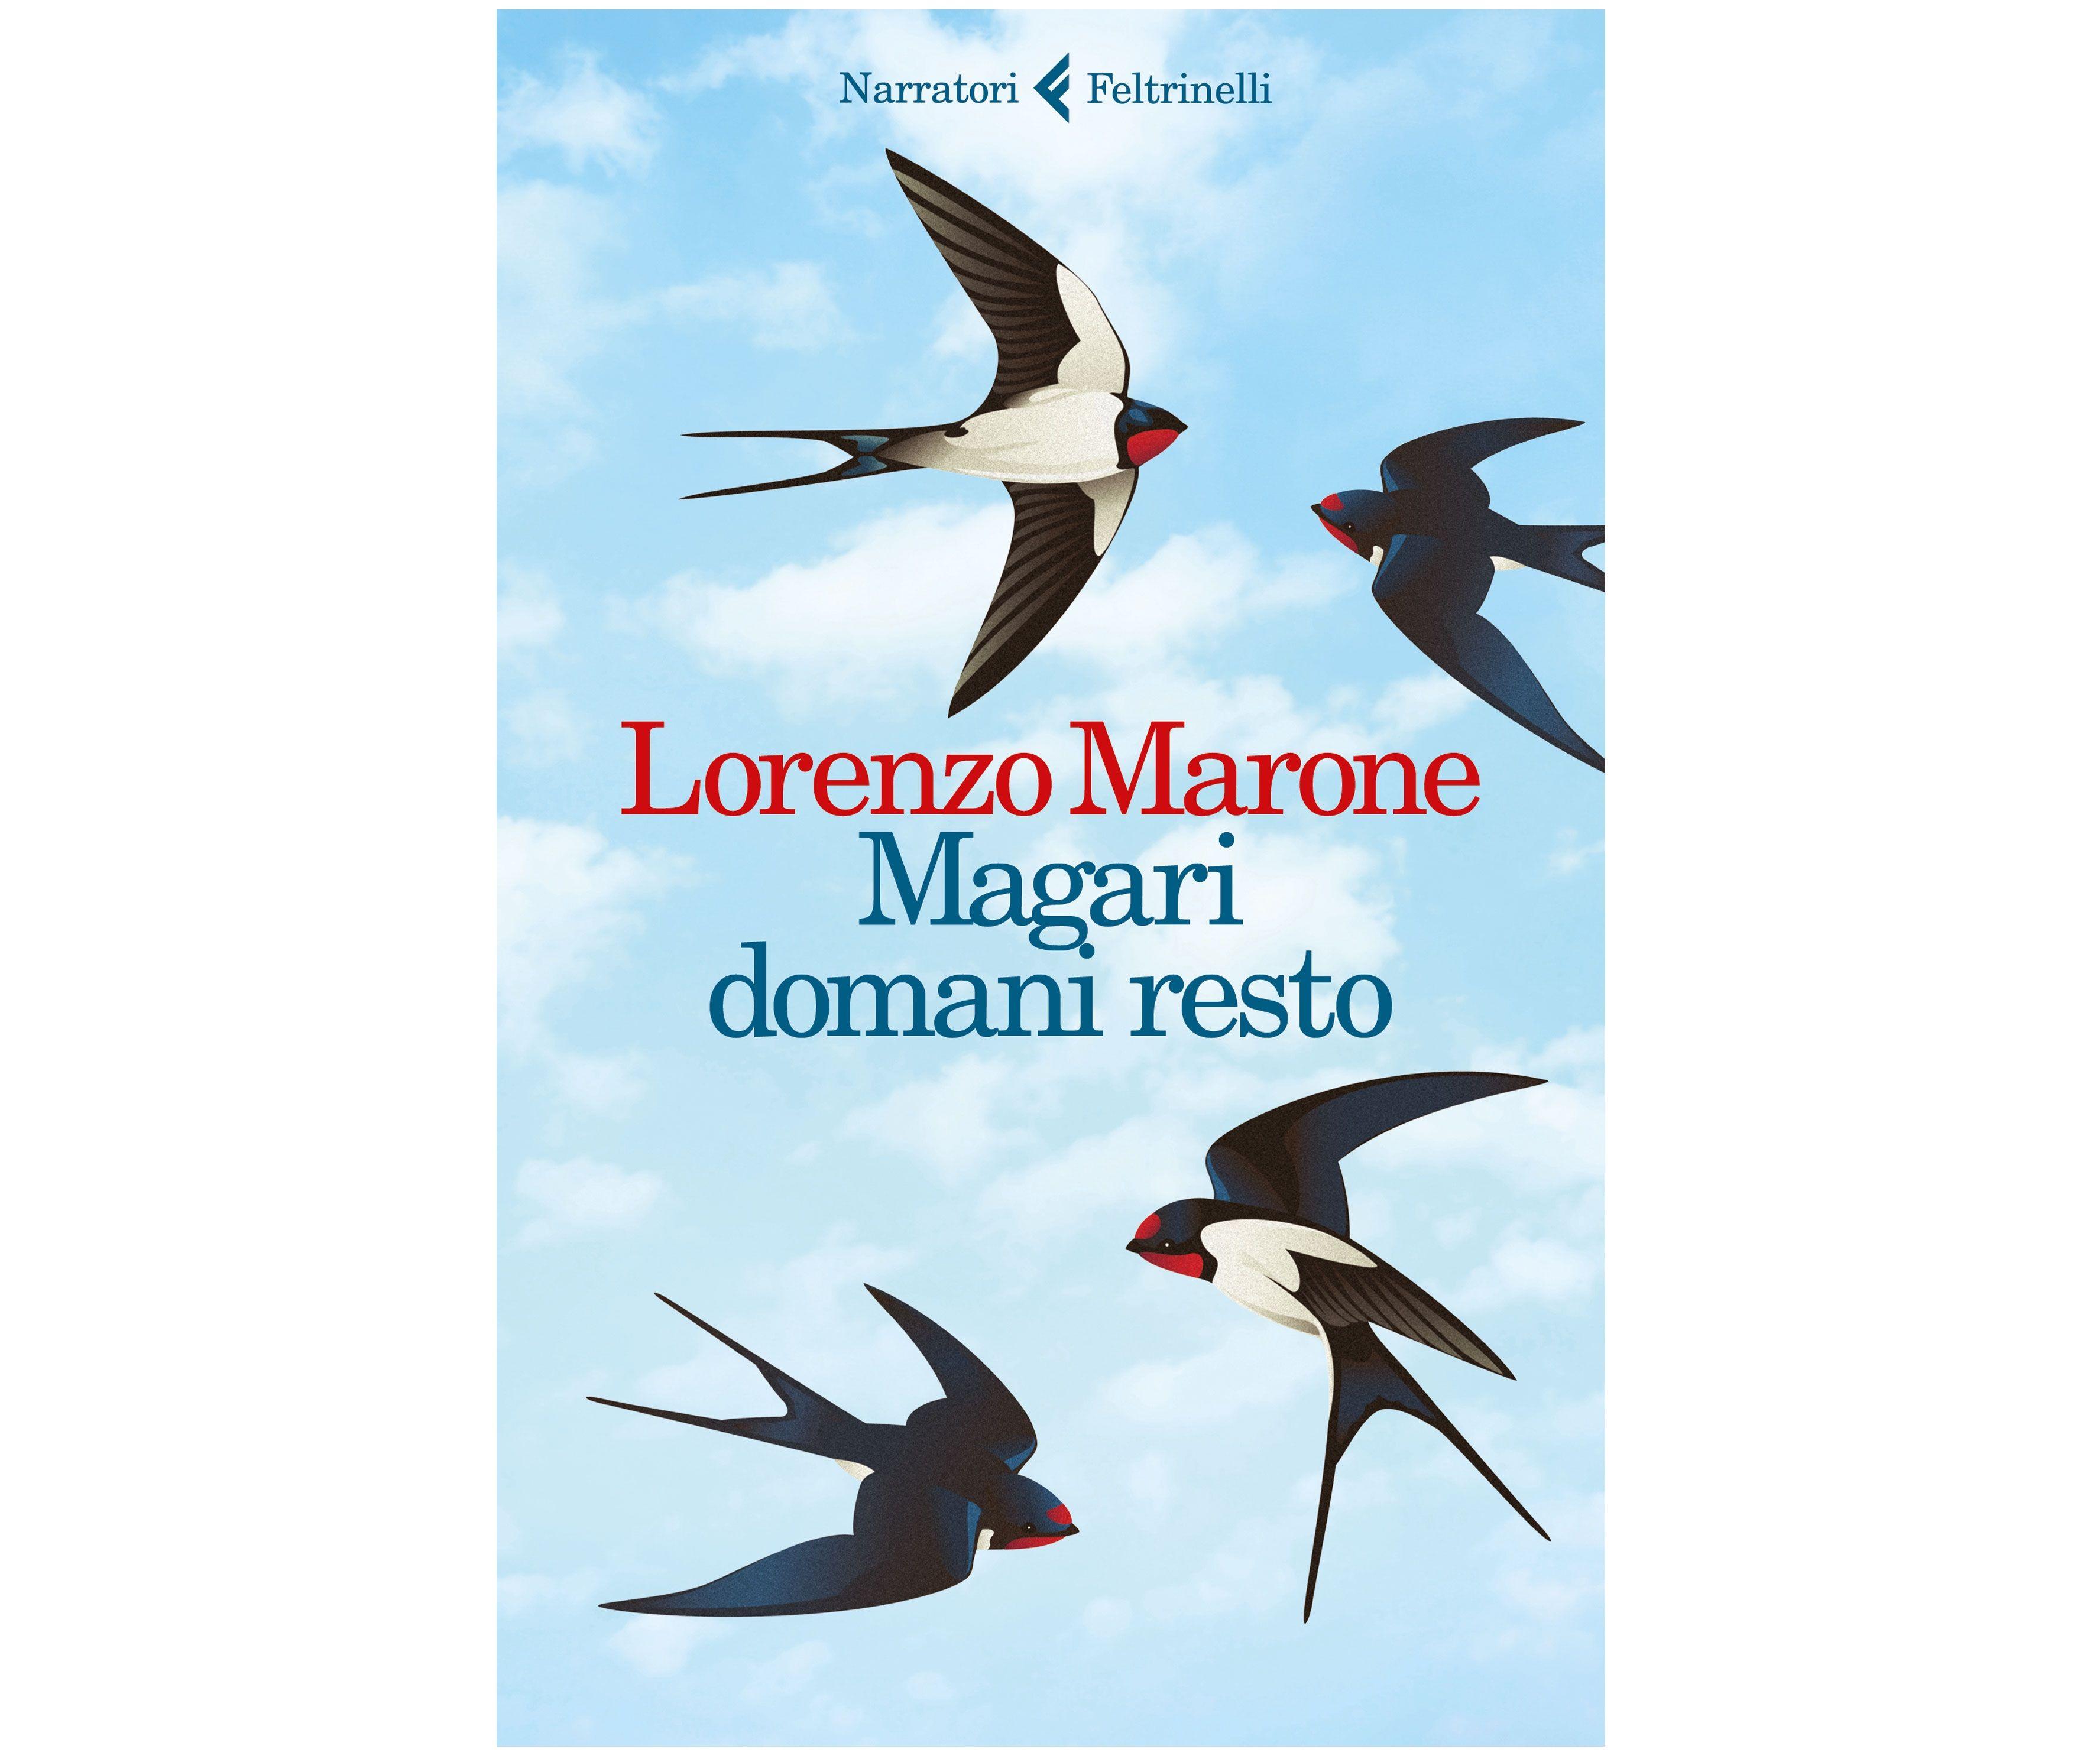 Magari domani resto, il libro di Lorenzo Marone: 'Racconto la mia Napoli popolare'